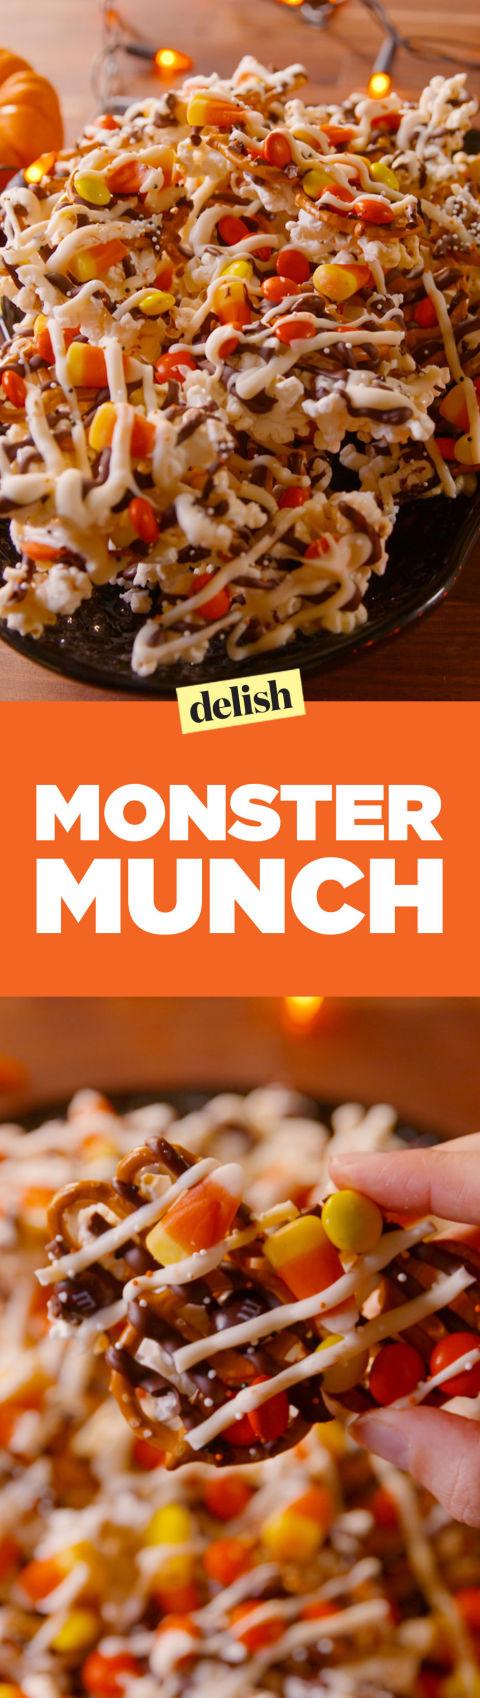 Monster Munch Pinterest